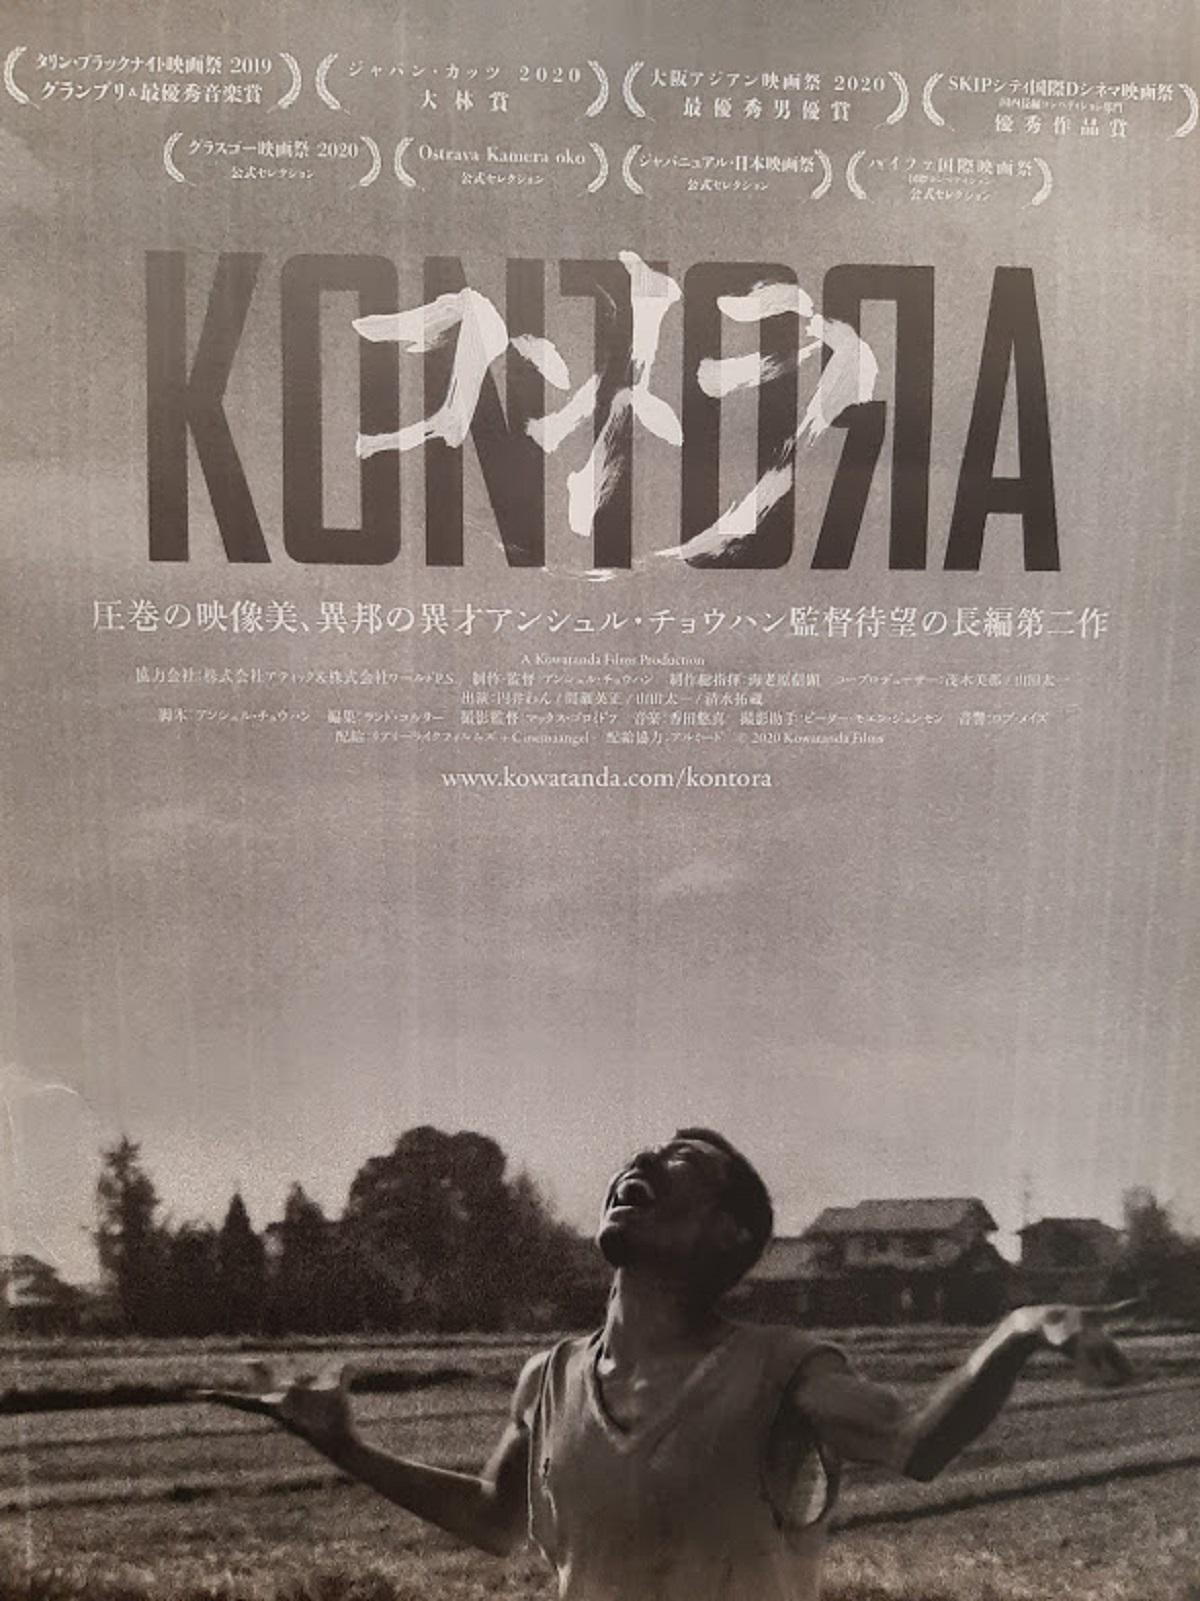 映画『コントラ』のポスター